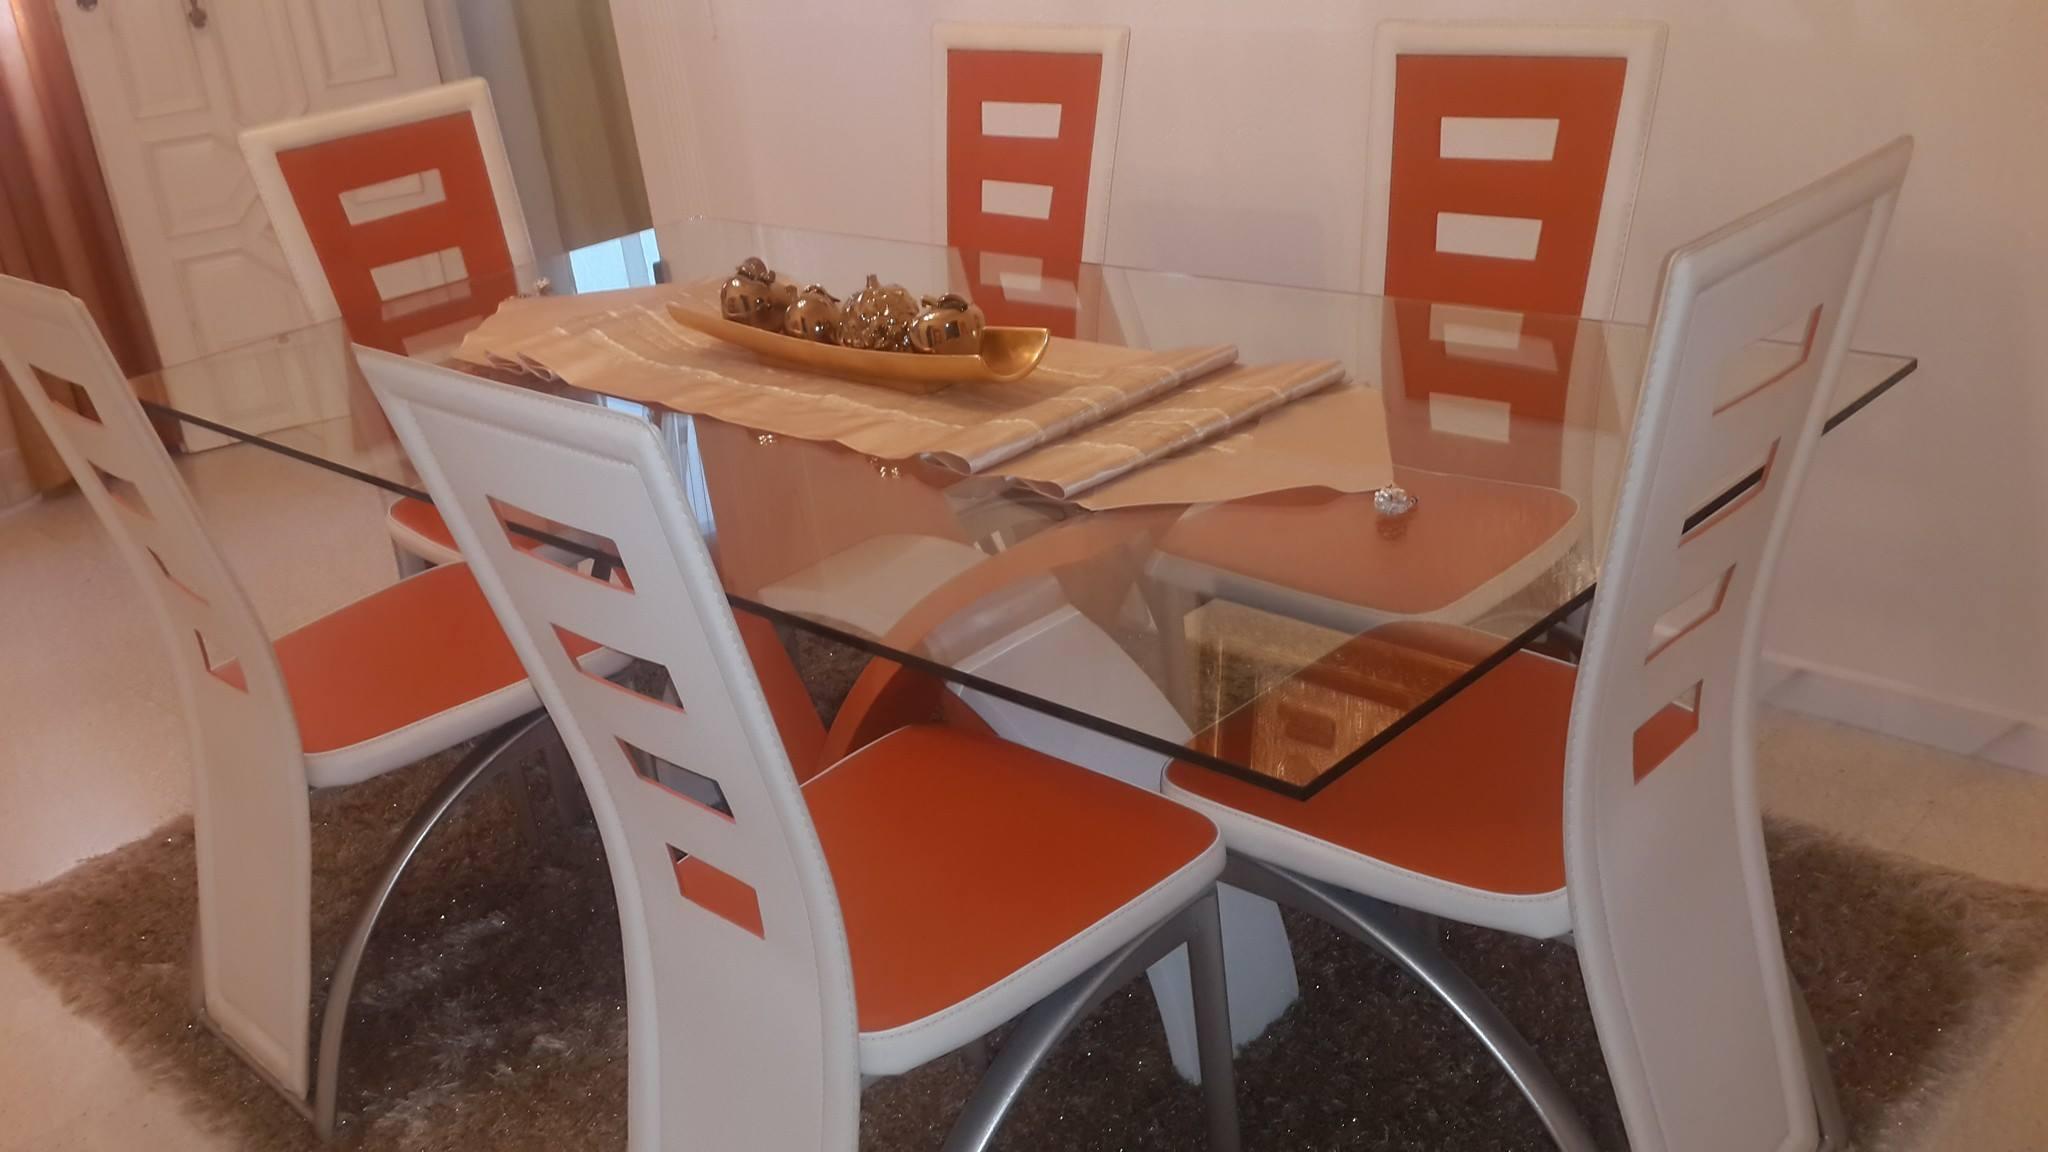 Salle manger meubles et d coration tunisie for Salle a manger tunisie